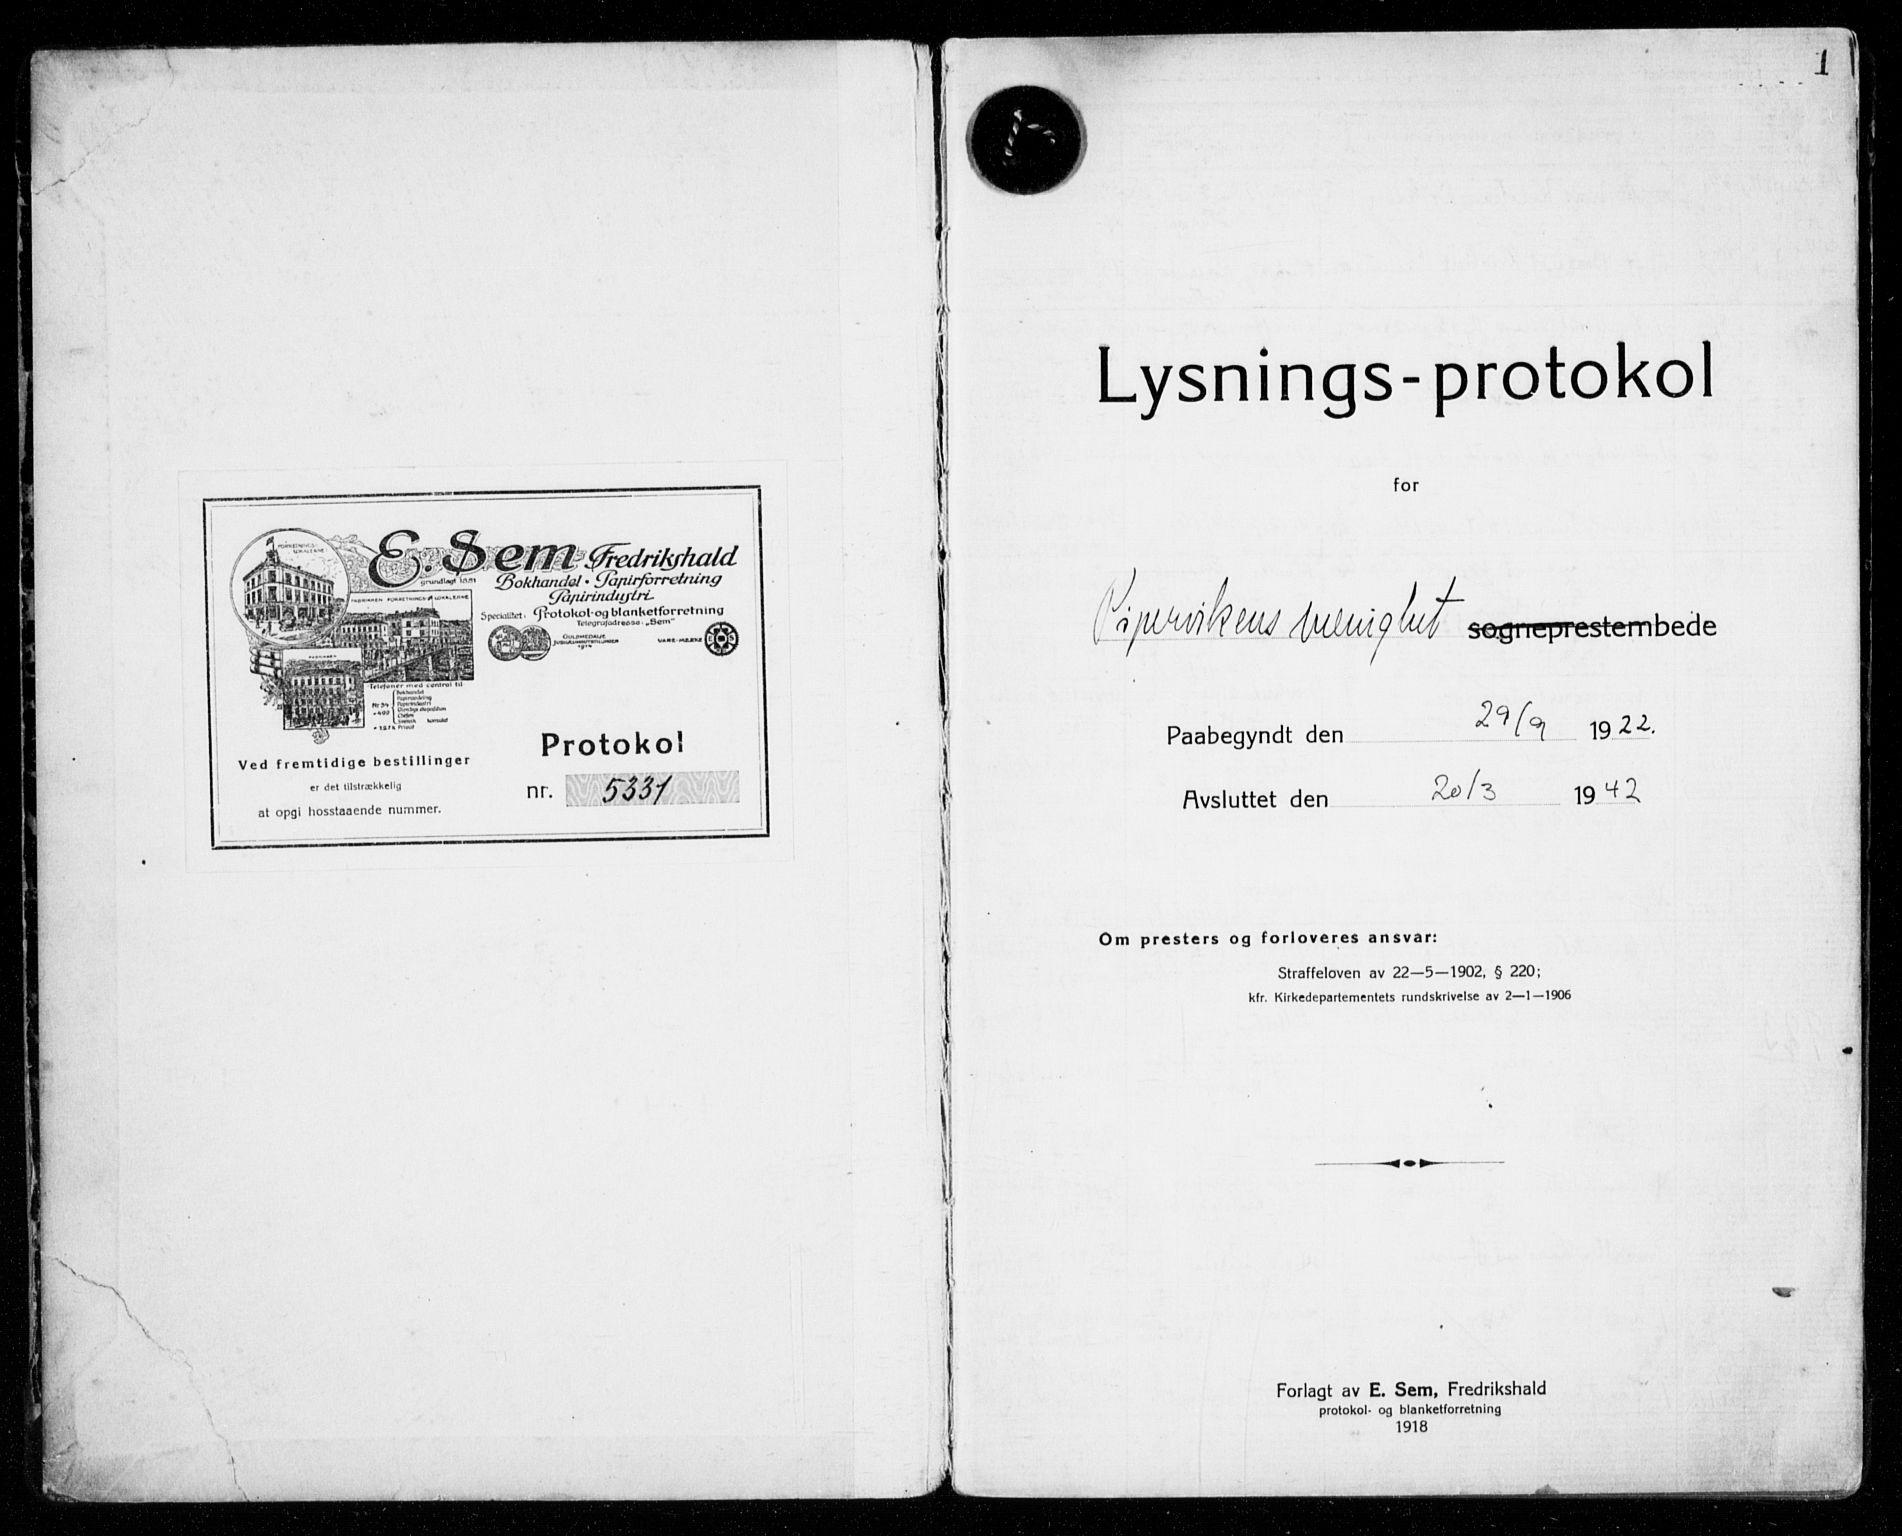 SAO, Piperviken prestekontor Kirkebøker, H/Ha/L0002: Lysningsprotokoll nr. 2, 1922-1942, s. 1